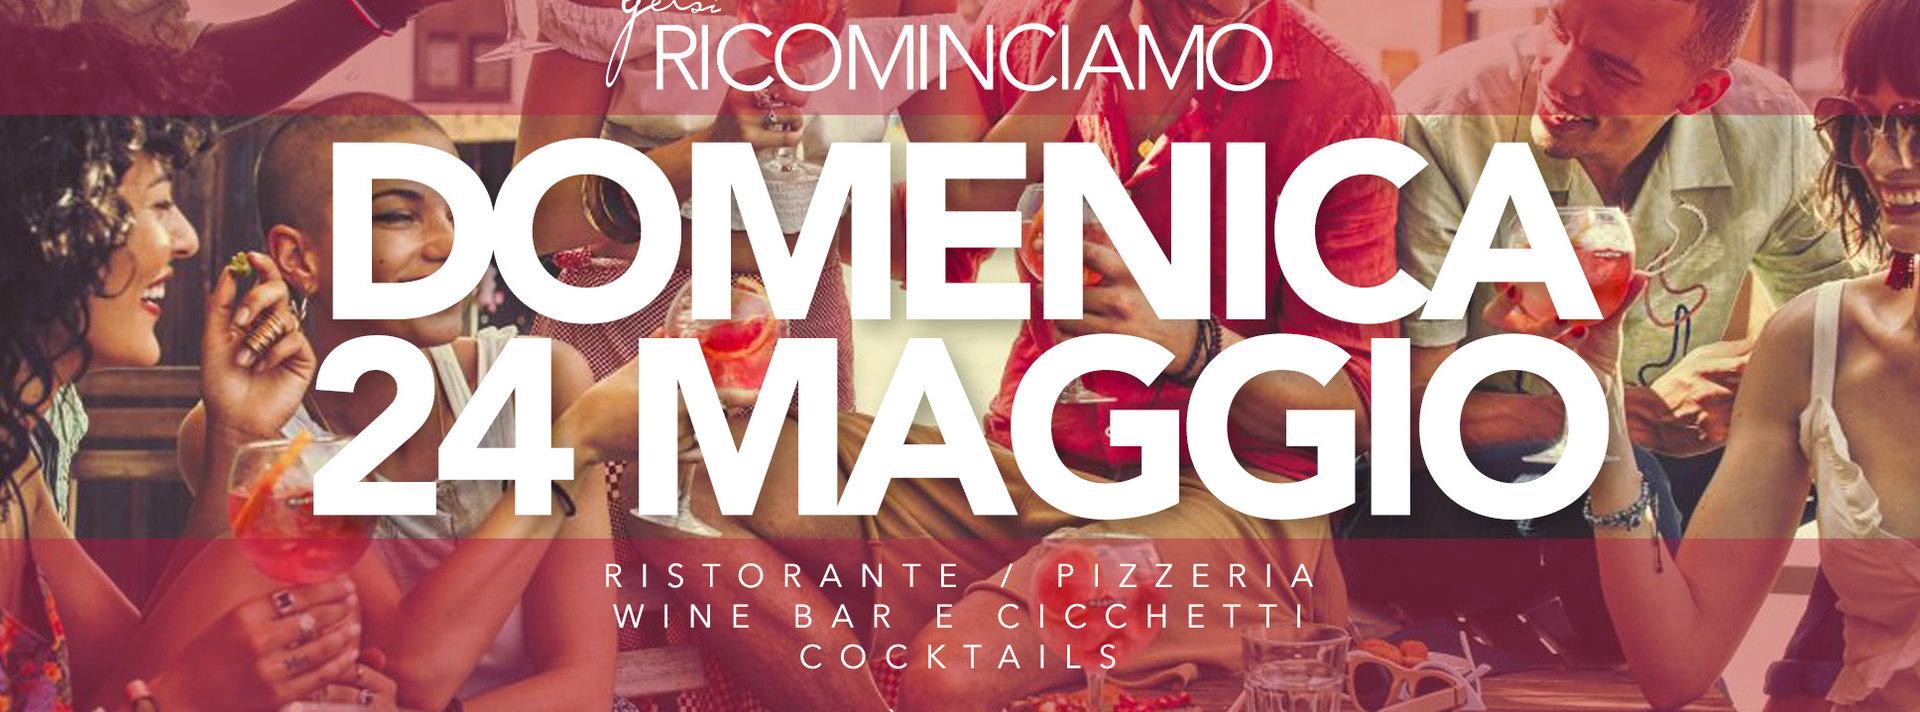 aperitivo ristorante e pizzeria Gelsi - 24 maggio